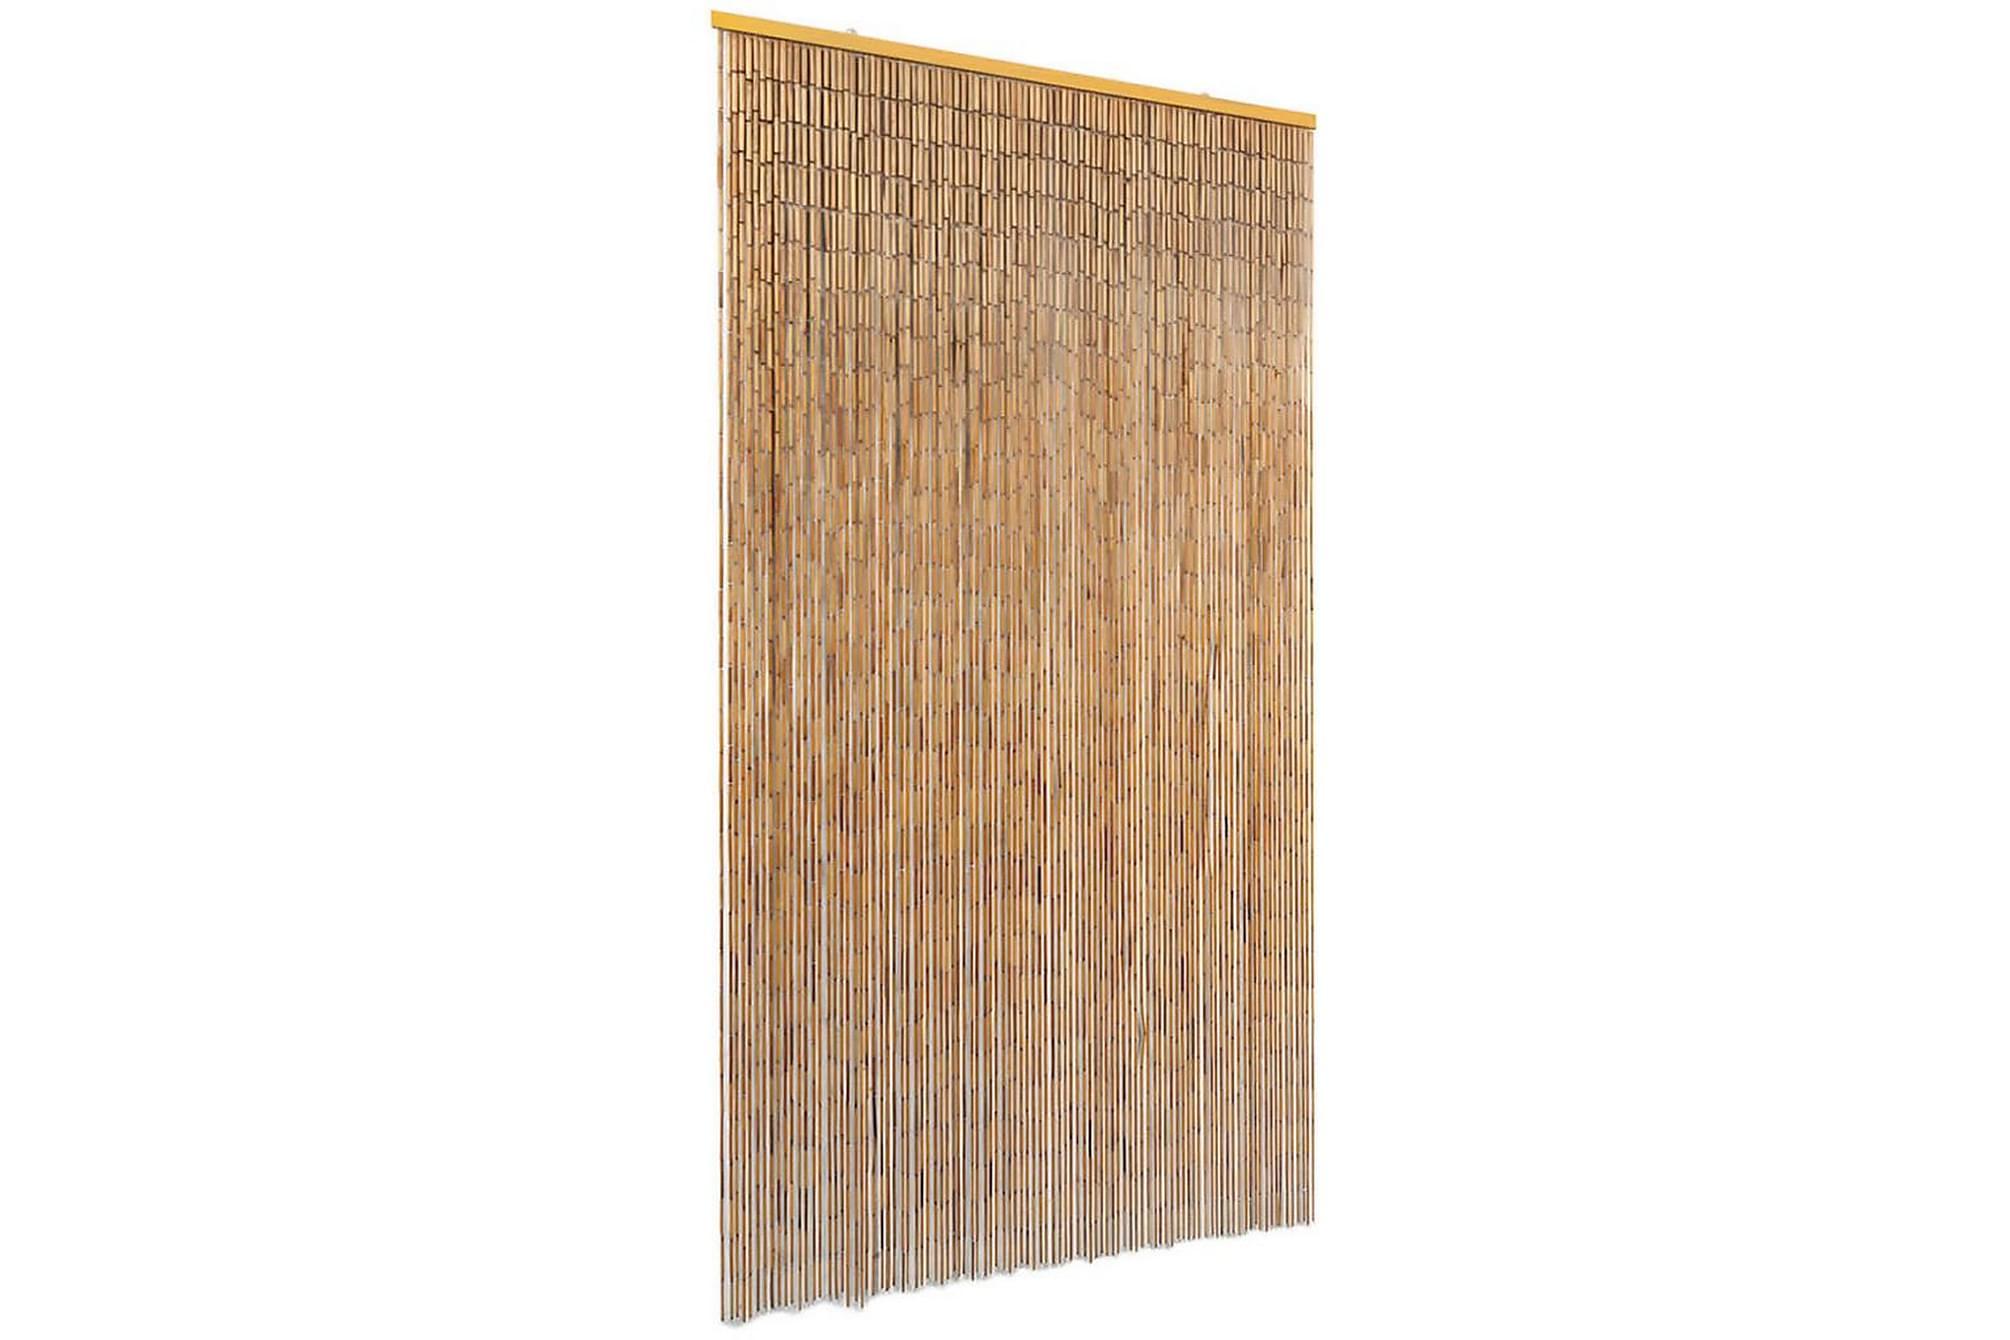 Dörrdraperi i bambu 100x200 cm, Myggnät